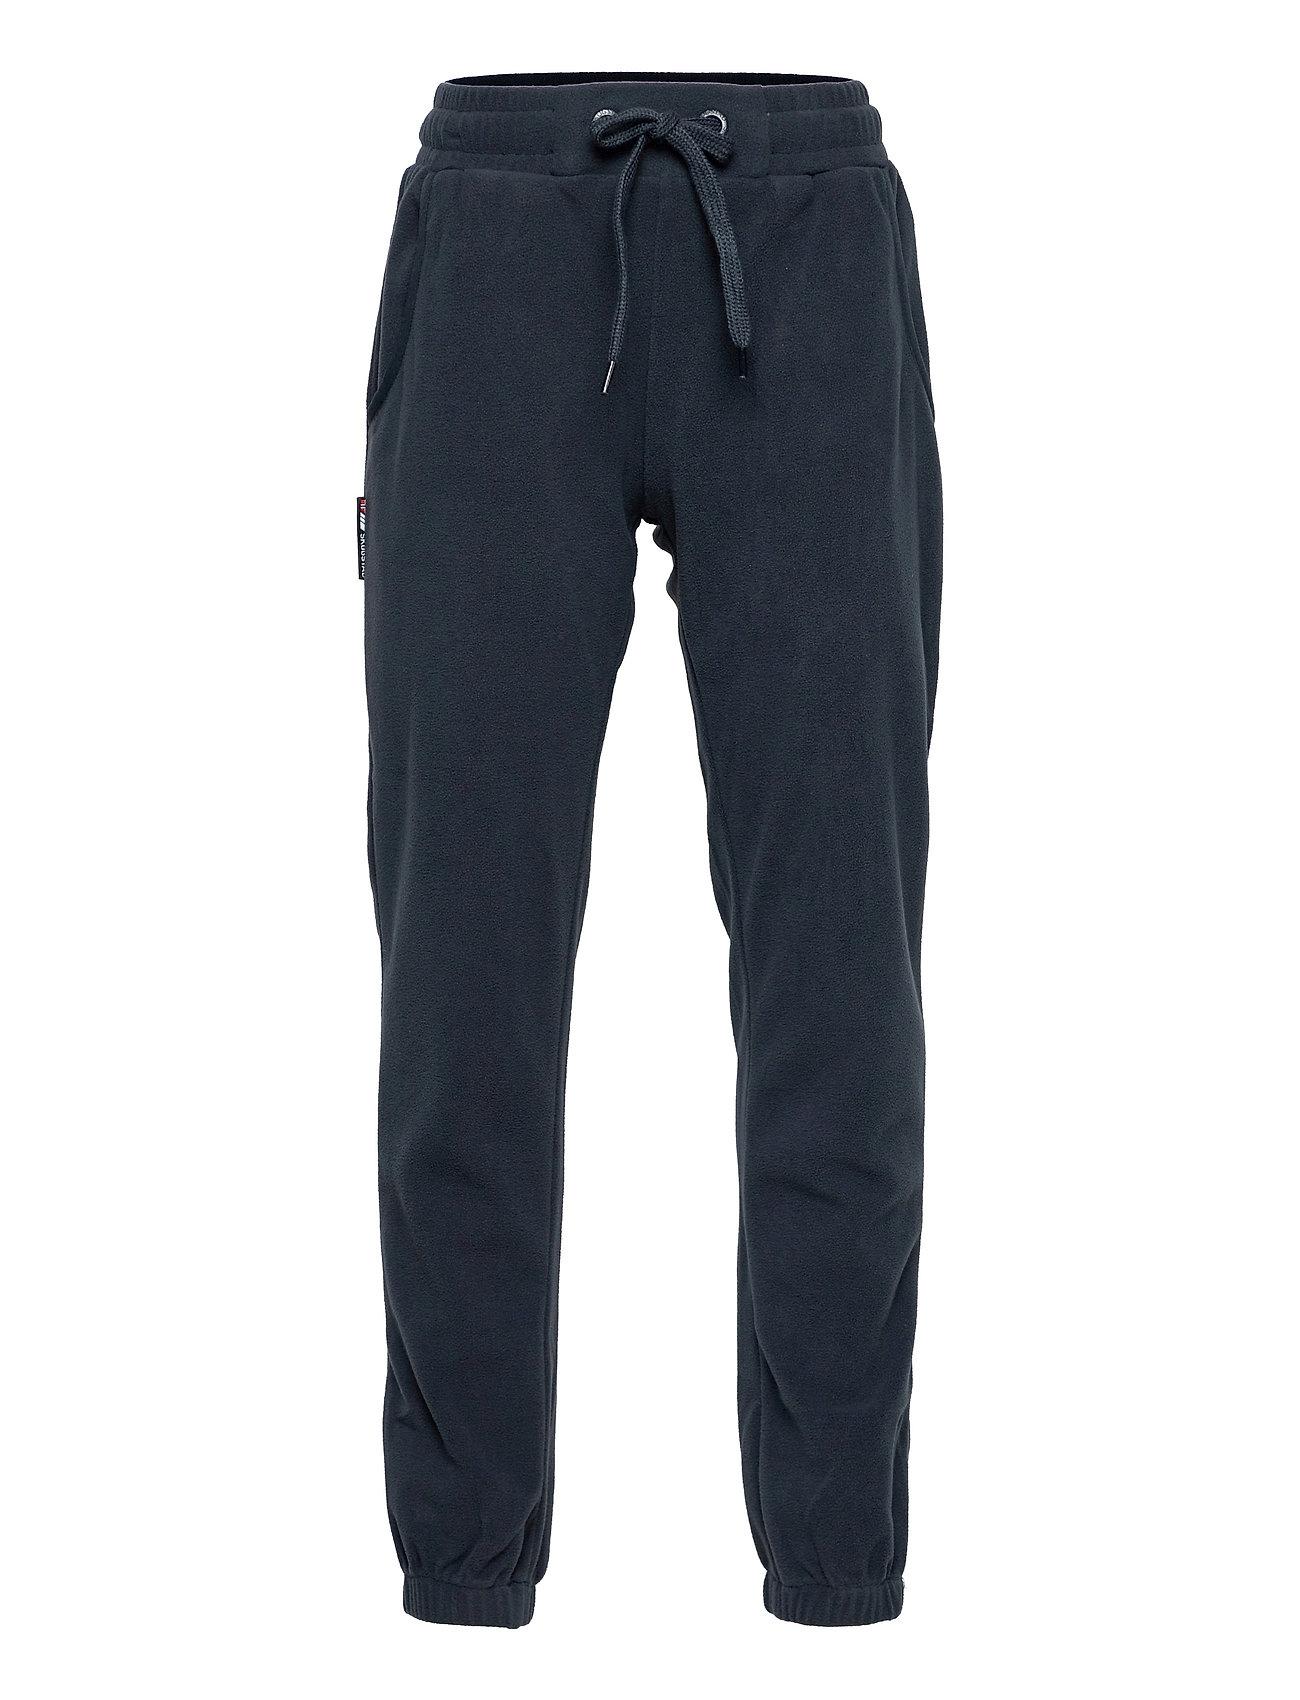 Verlo Microfleece Trousers Outerwear Fleece Outerwear Fleece Trousers Blå Skogstad